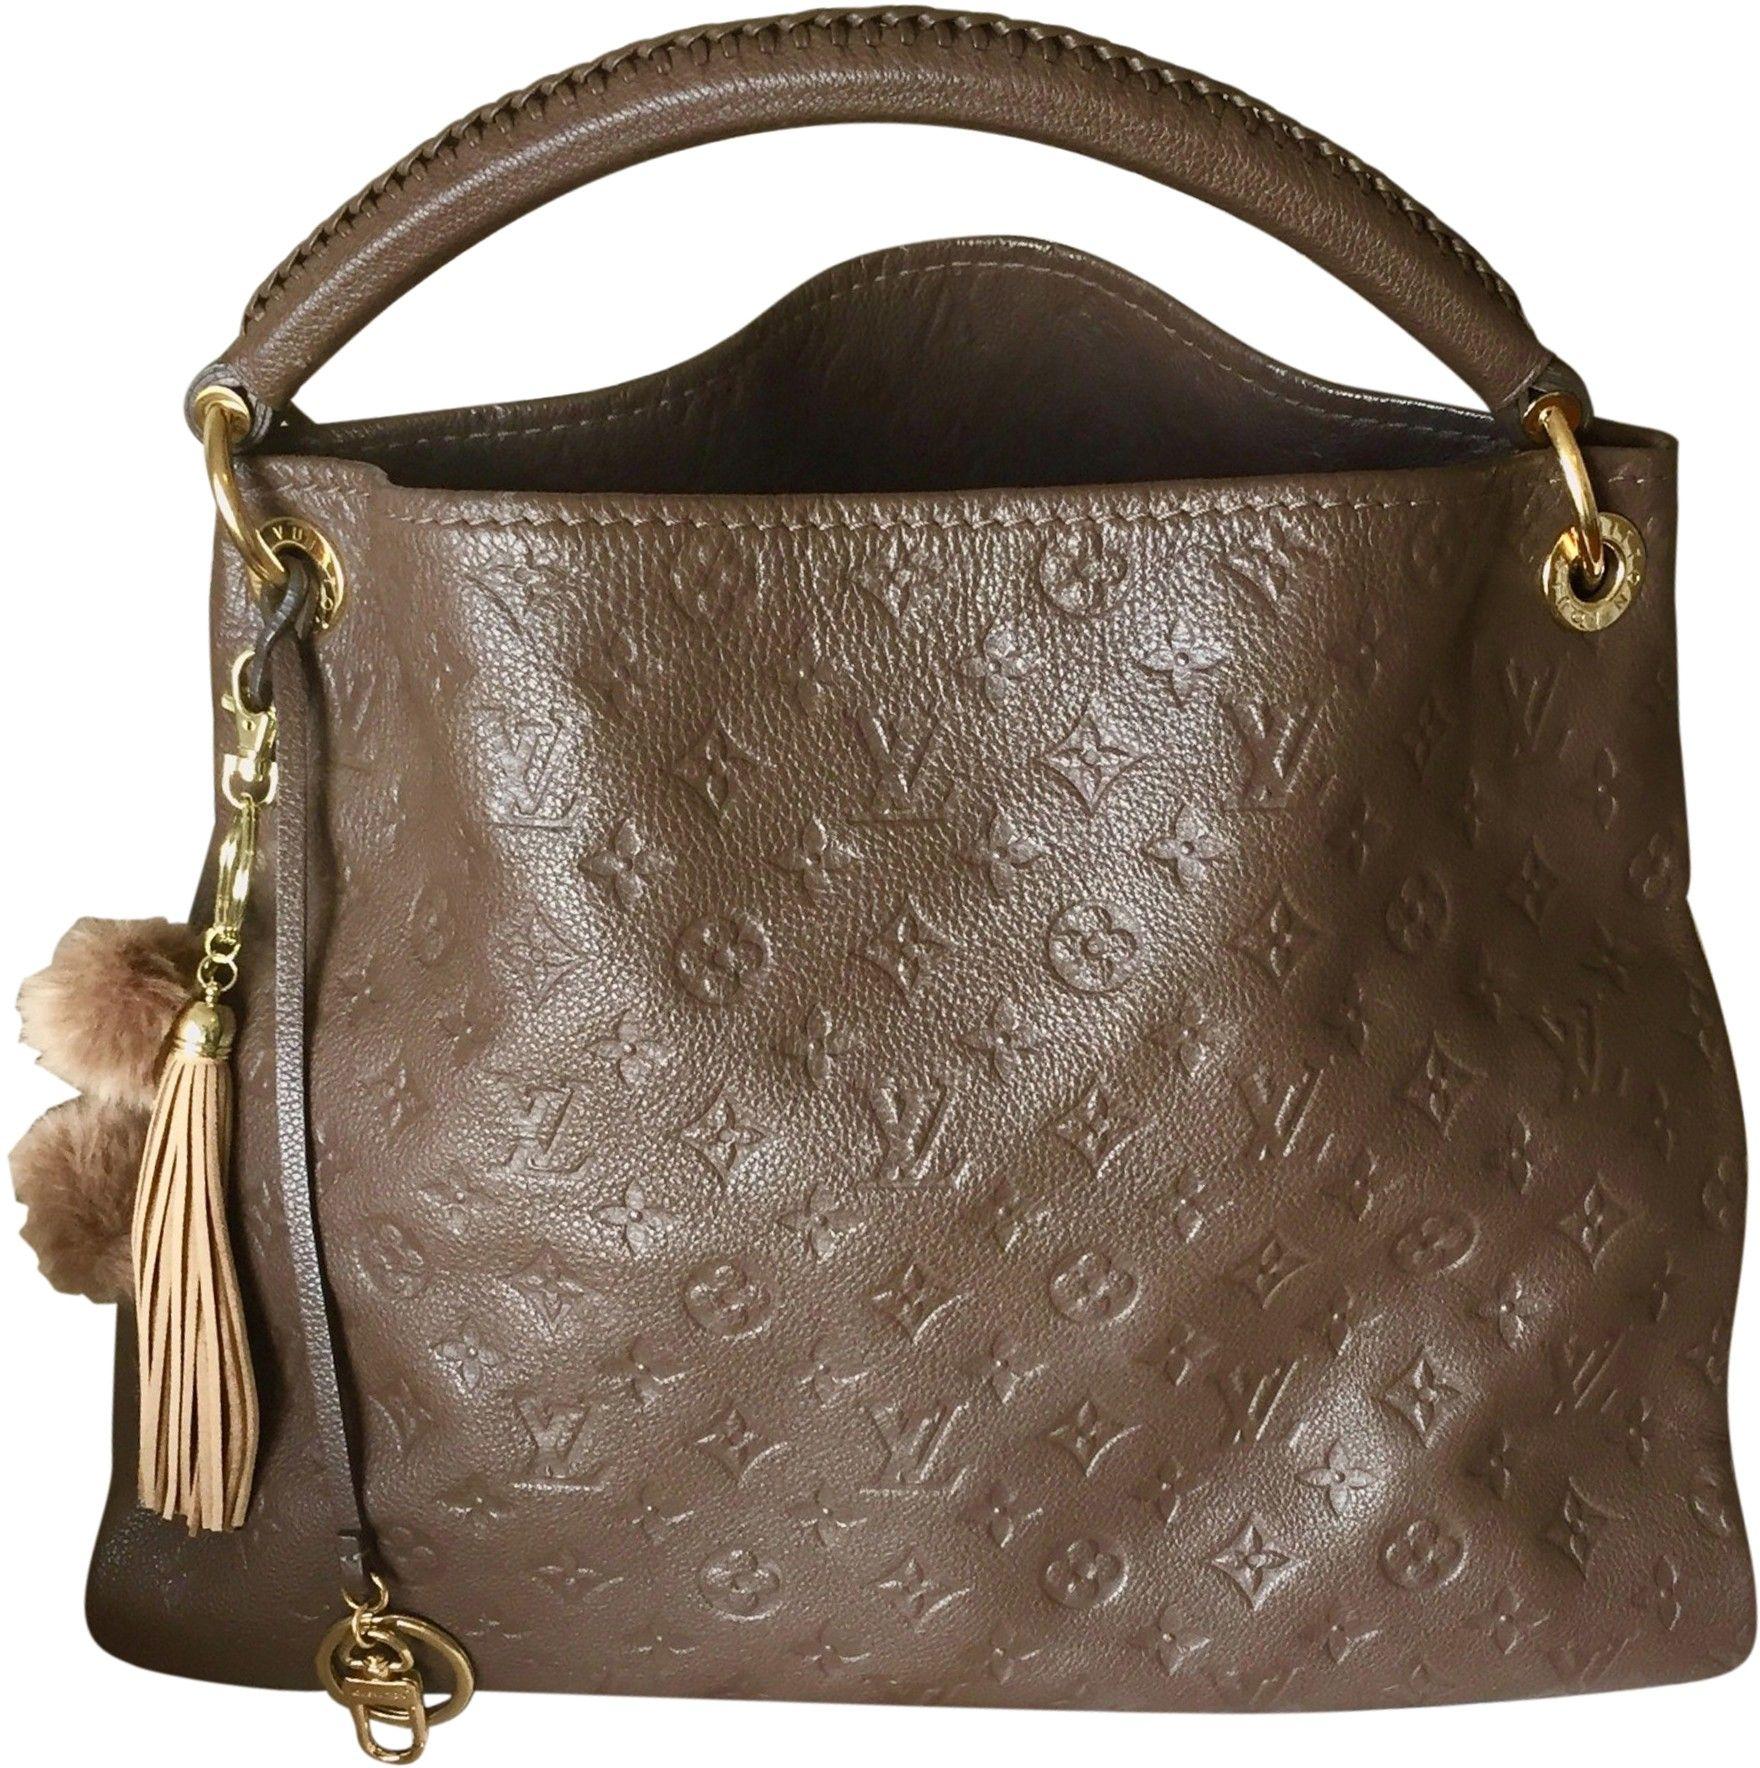 Louis Vuitton Empriente Artsy Mm In Ombre Hobo Handbag Mmwwo